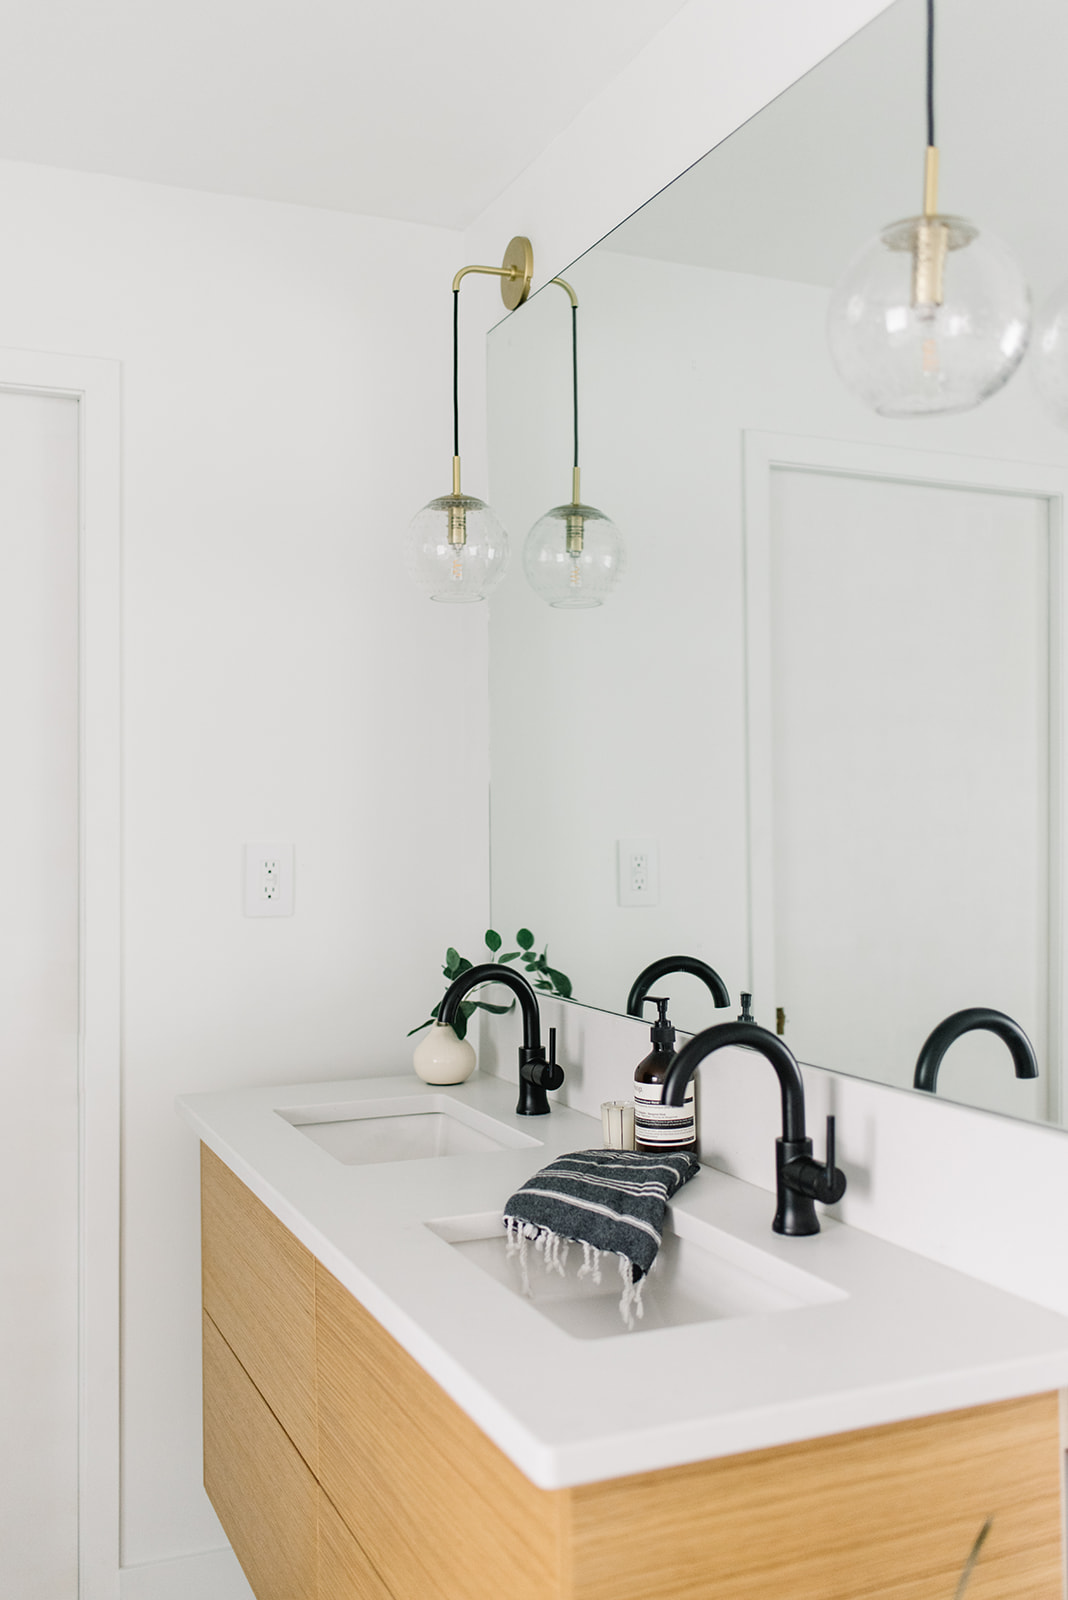 bathroom design oak vanity and black fixtures